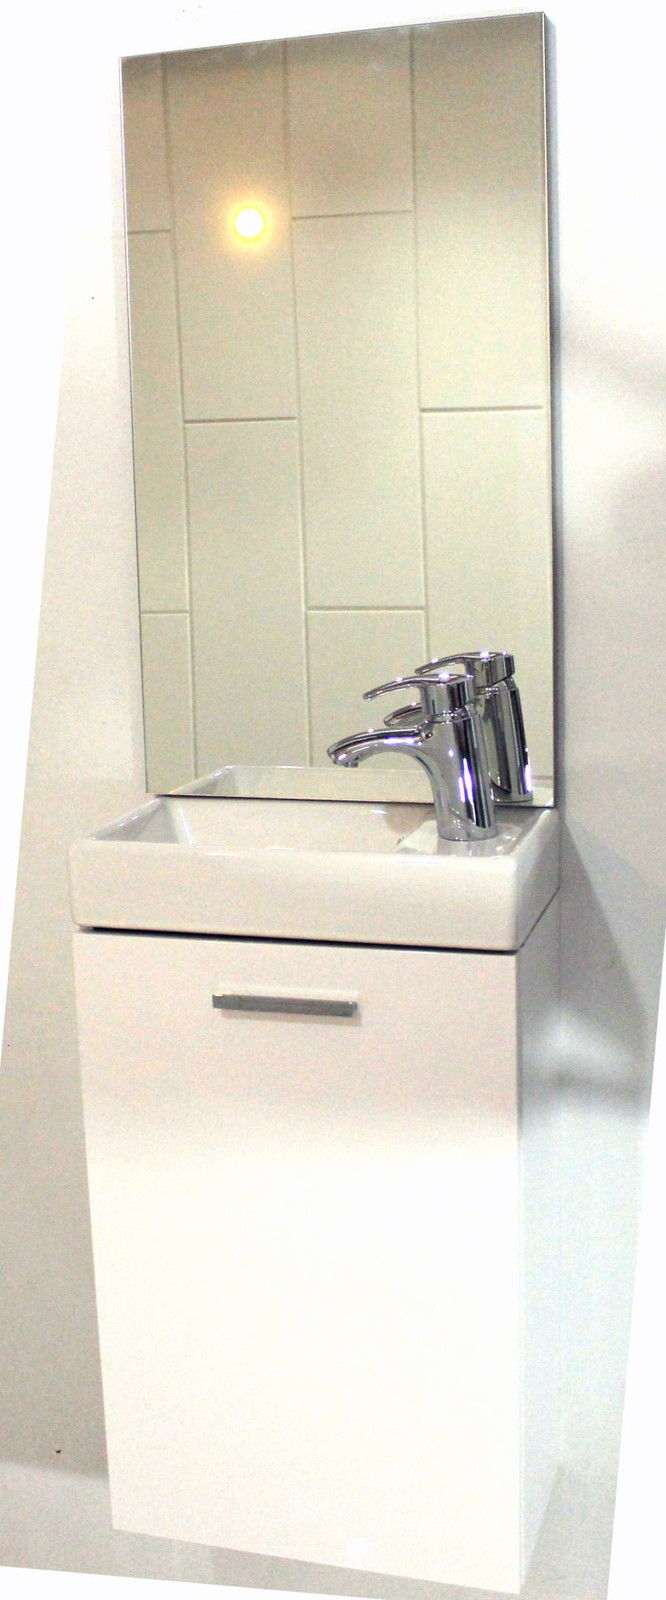 Mini Waschplatz Waschtisch Spiegel Schrank Gäste WC